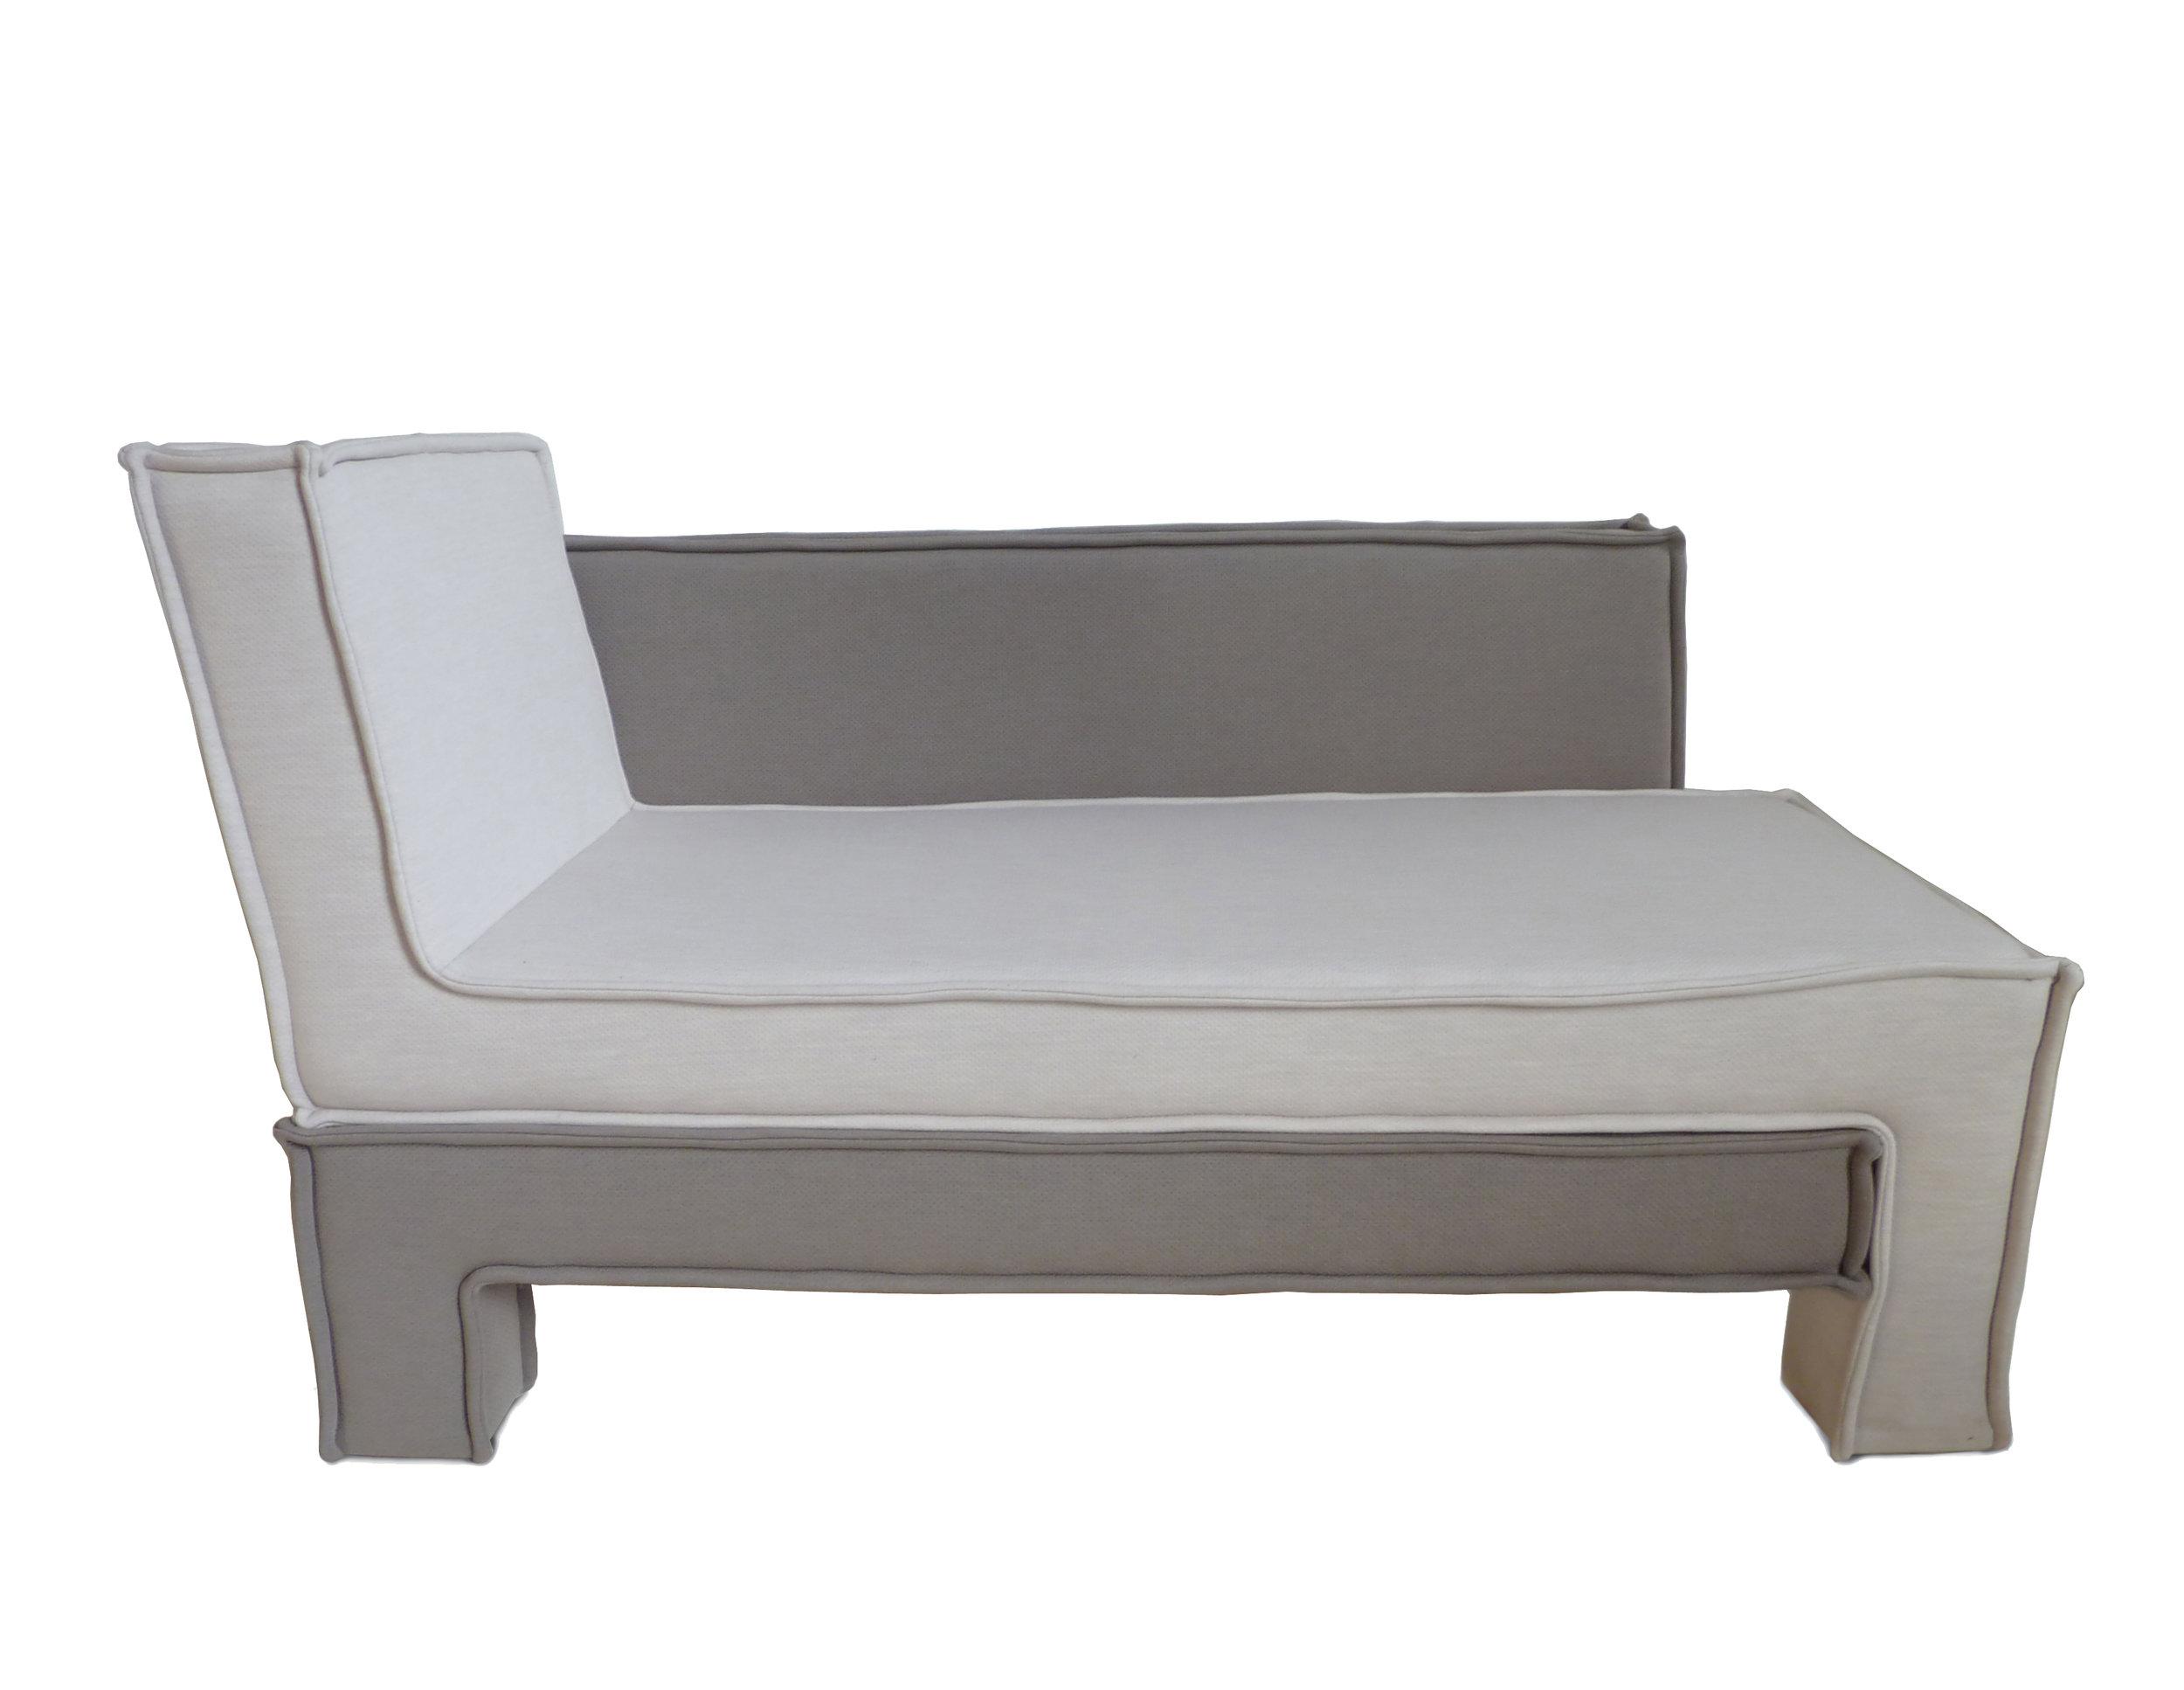 chaise longue 1.jpg